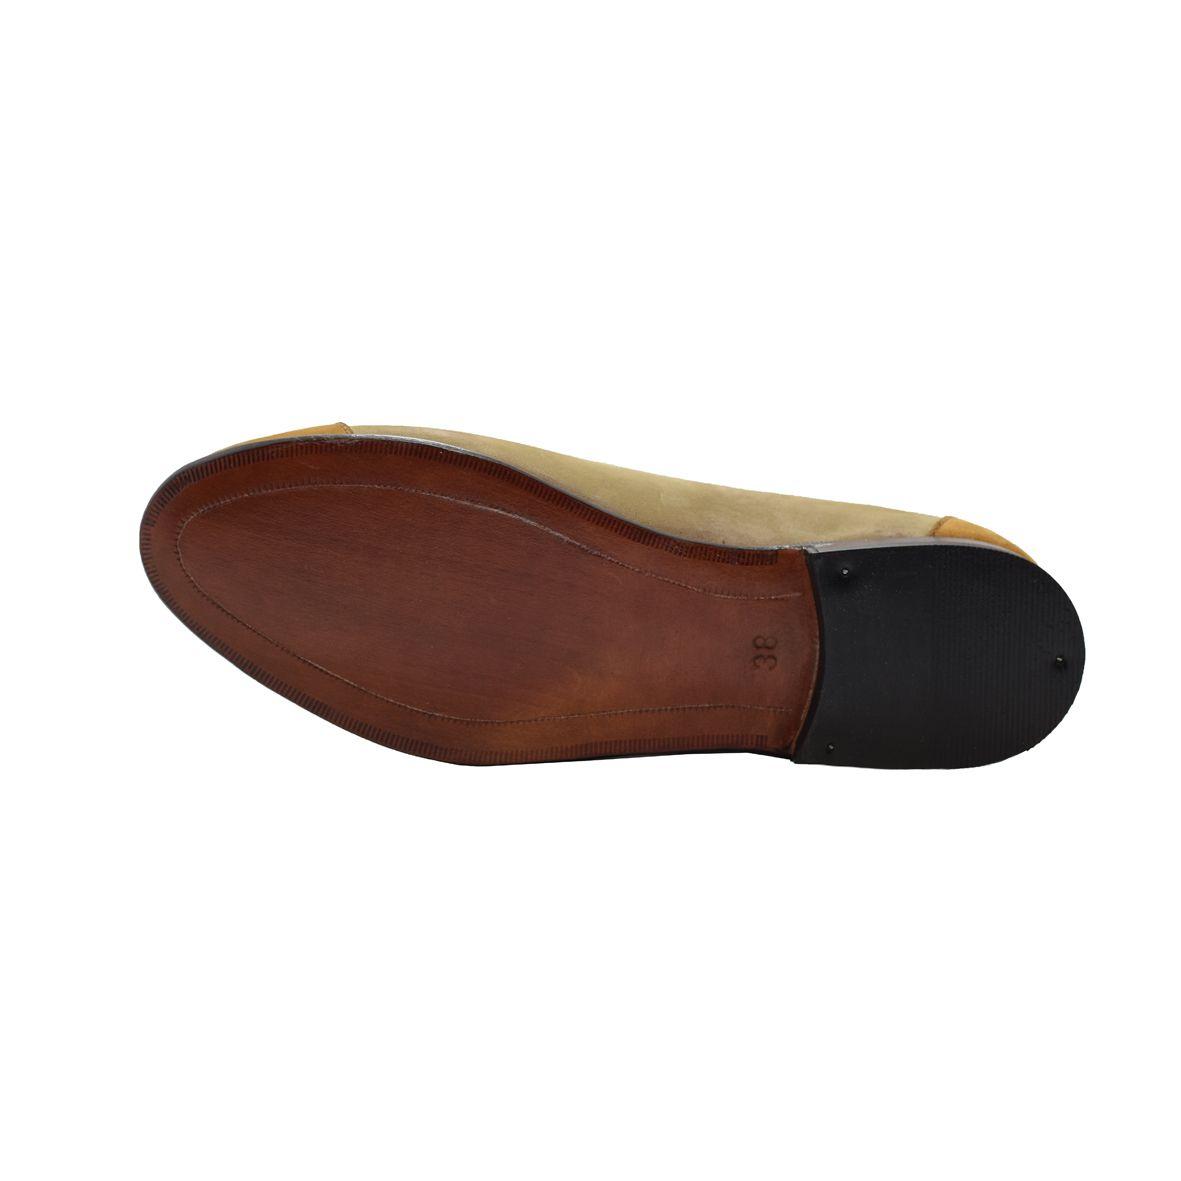 کفش زنانه دگرمان مدل آرام کد deg.1ar1105 -  - 5